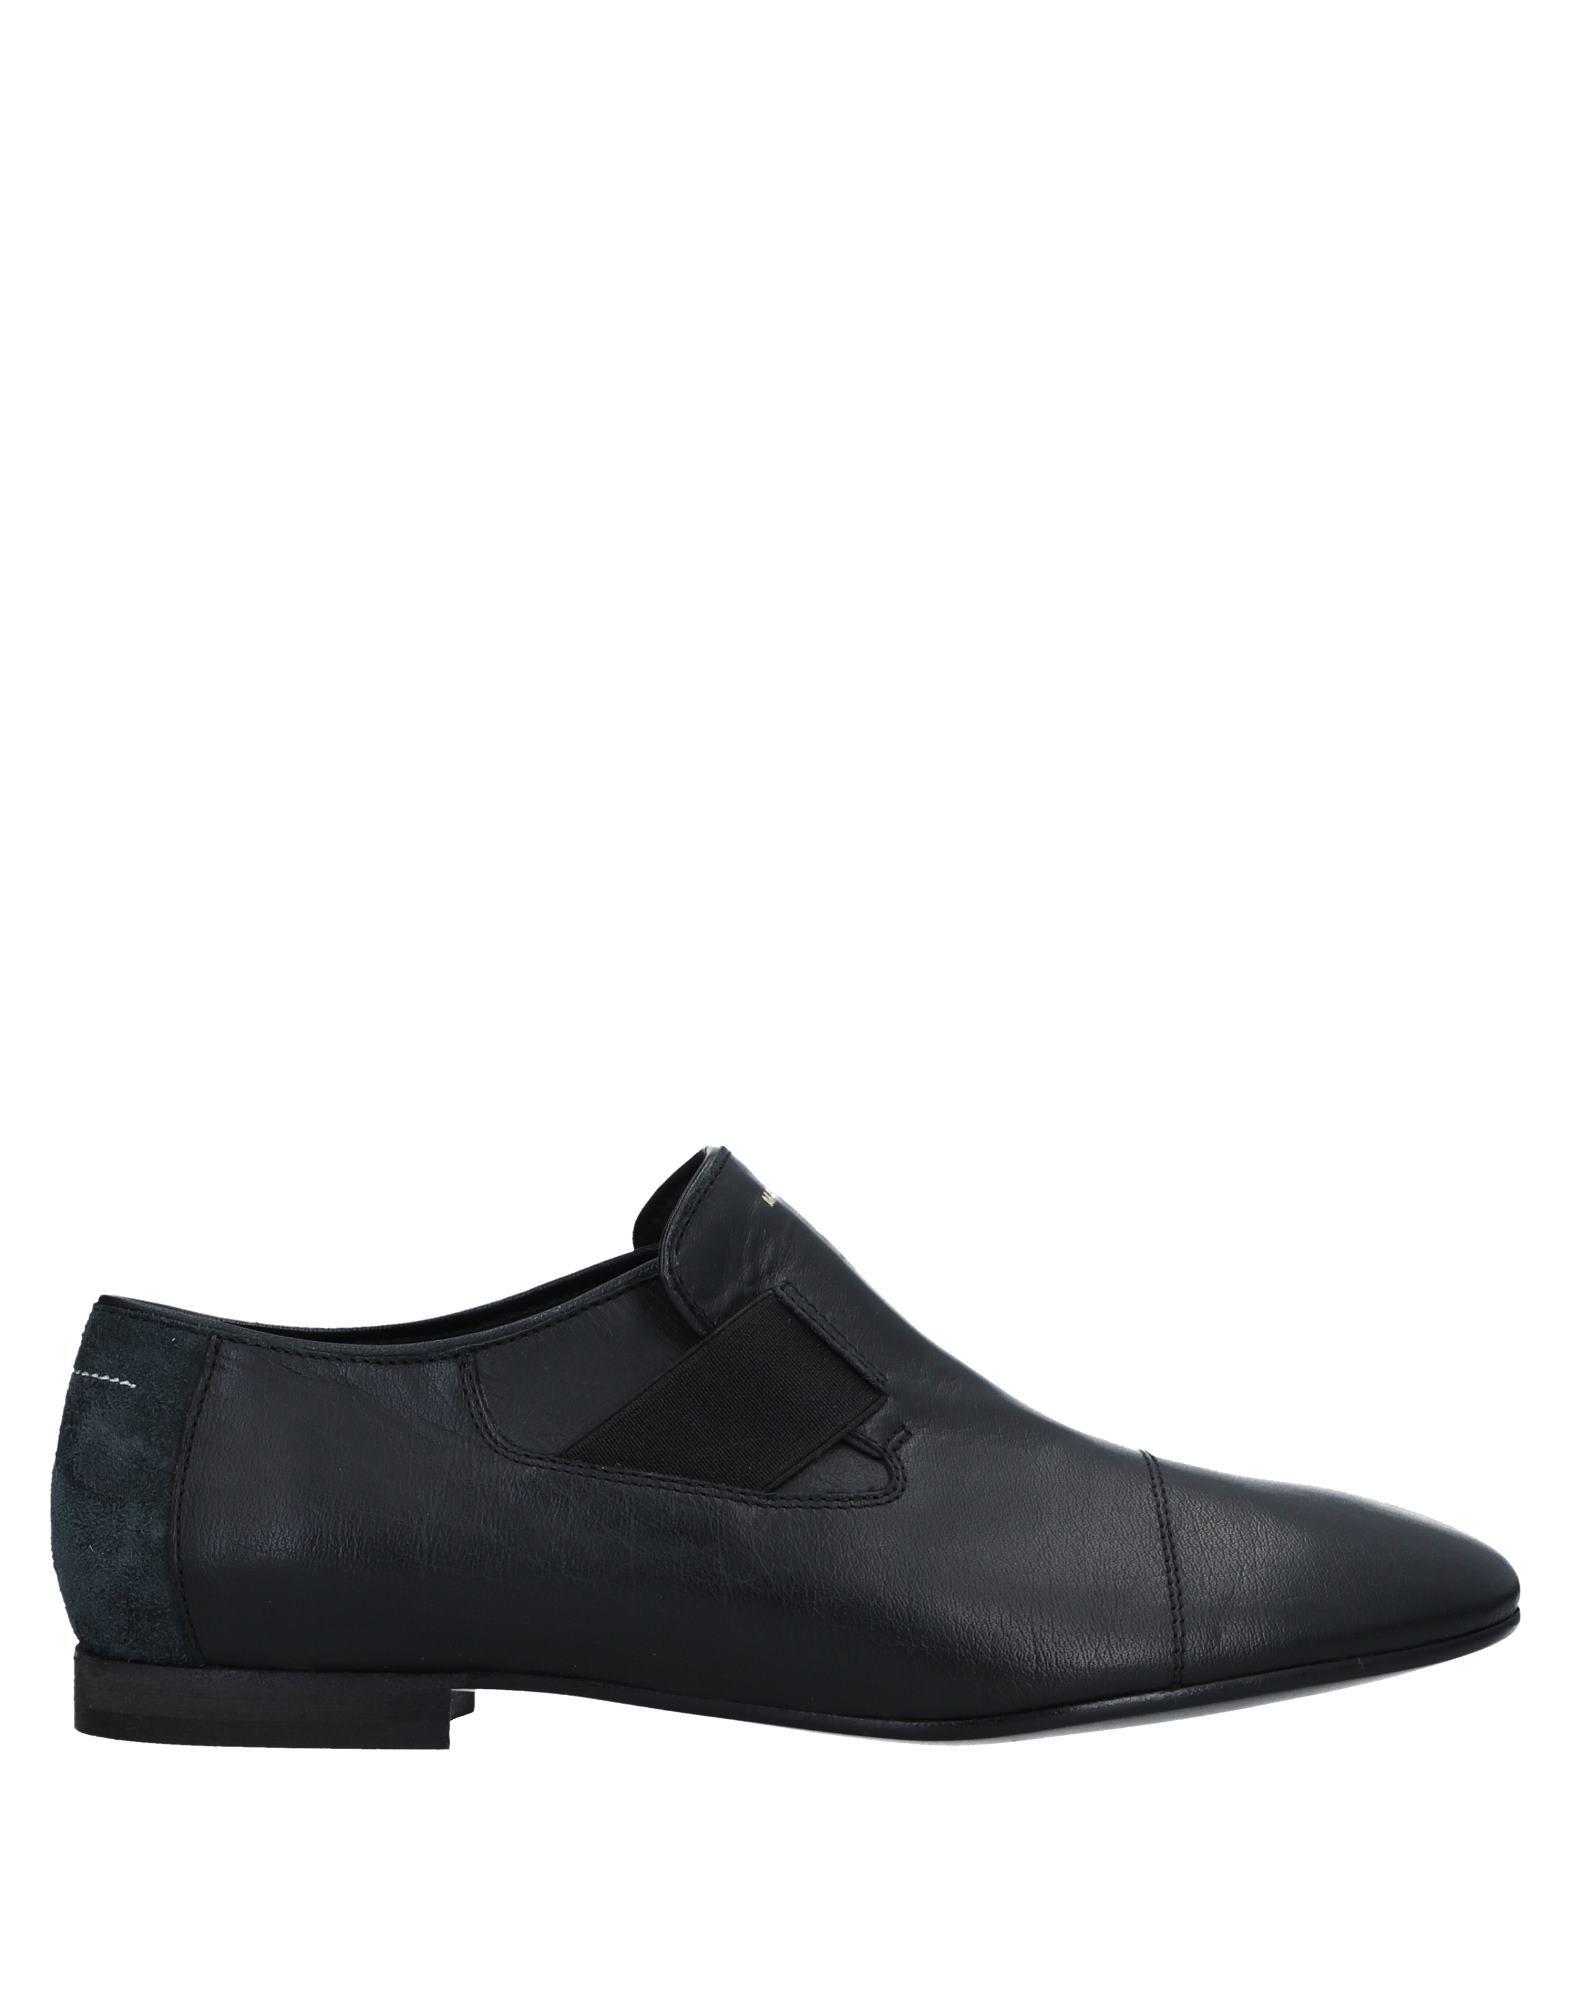 Mm6 Maison Margiela Mokassins Damen Schuhe  11504650UJ Neue Schuhe Damen dd5eef